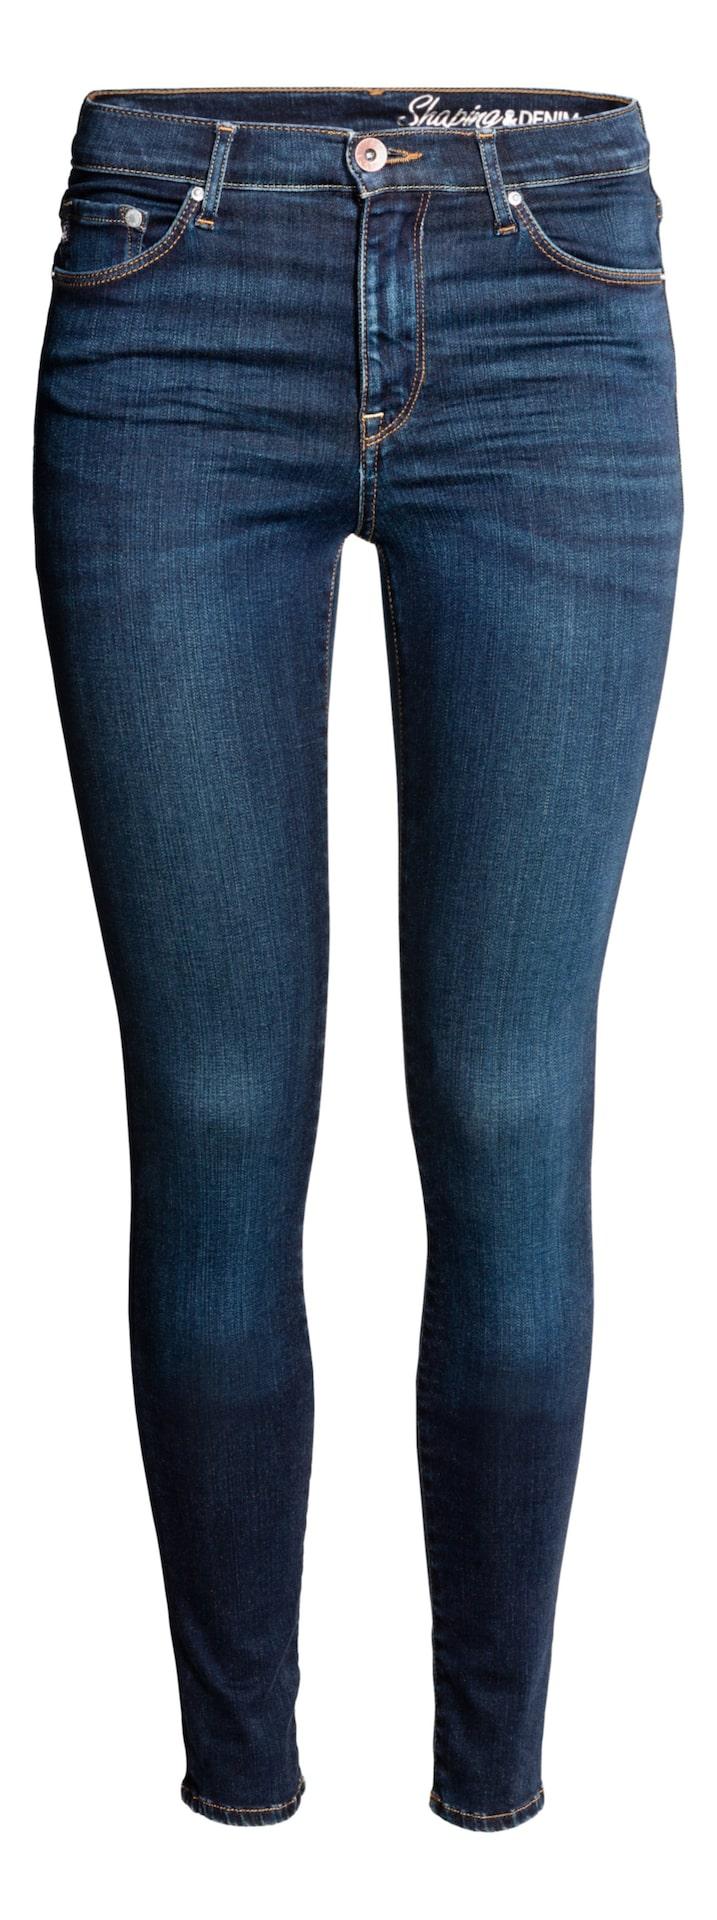 Shaping Skinny High Jeans, HM, 499 krJeans med technical stretch som skulpterar kroppen, håller in och formar midja, lår och rumpa samt bevarar formen på jeansen. Finns med normal eller hög midja.